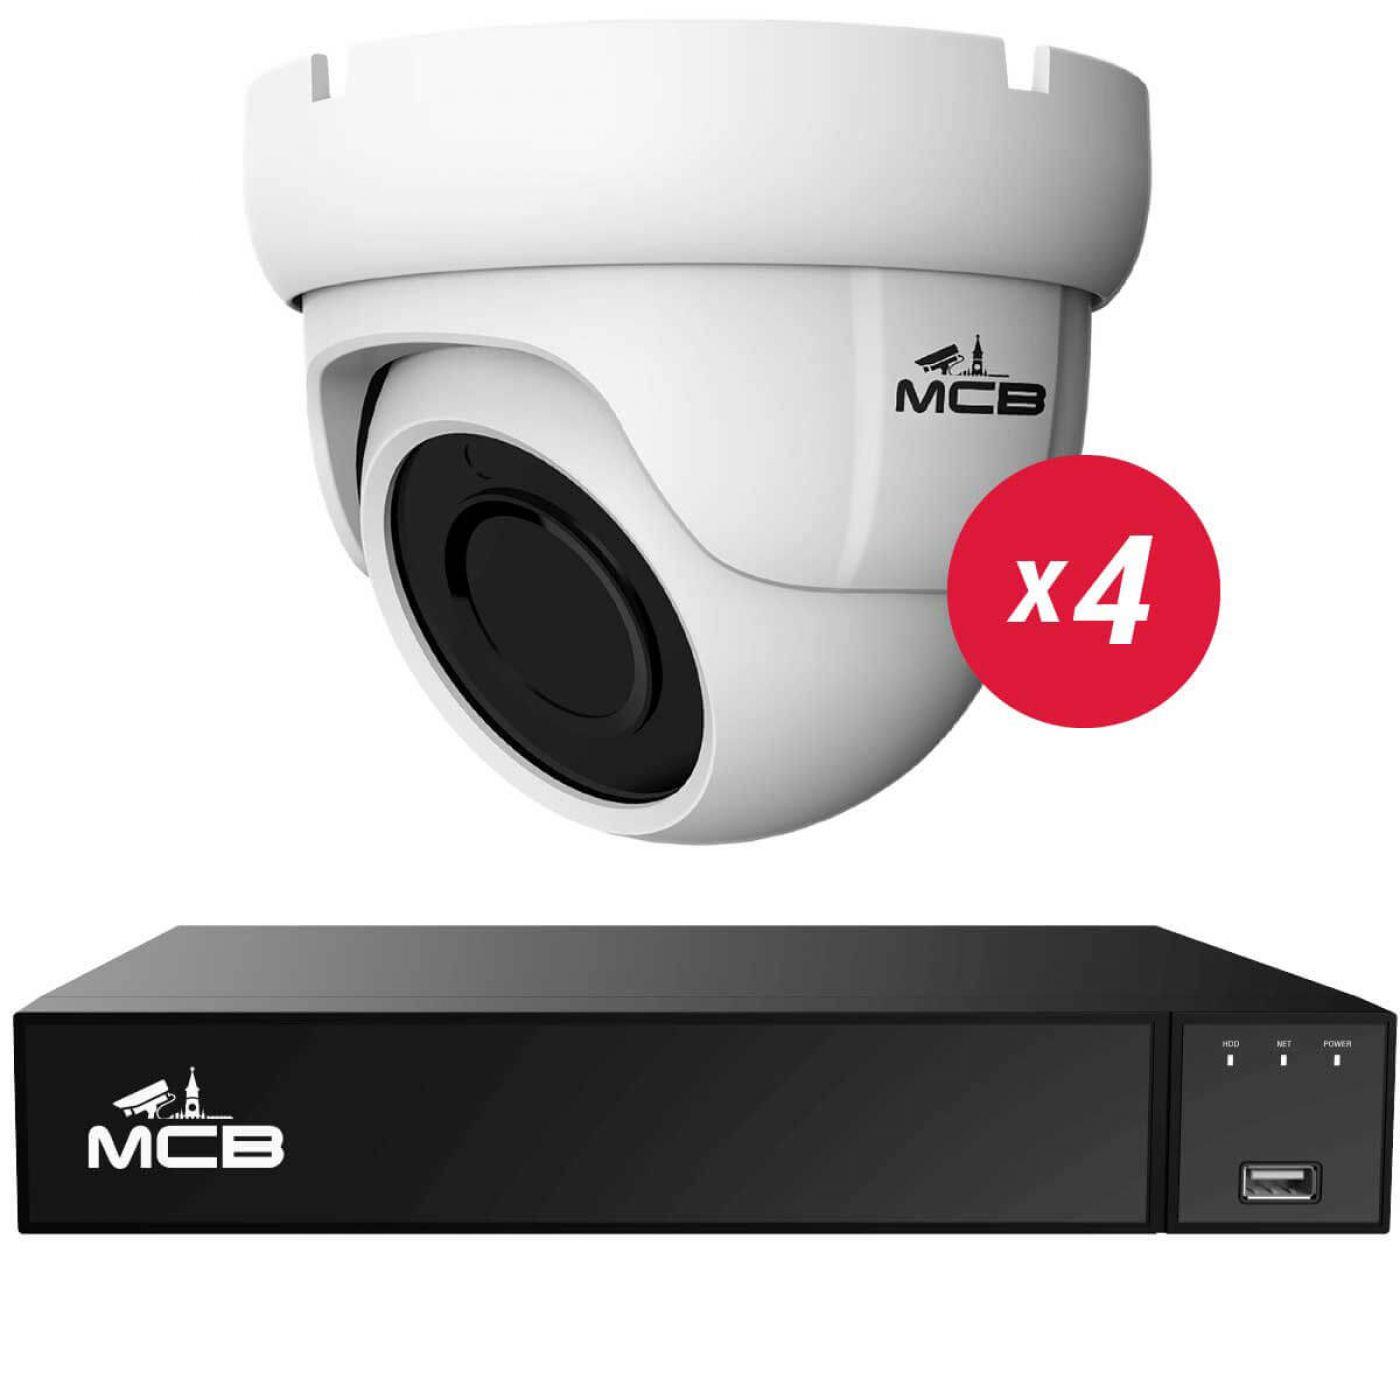 Беспроводной IP комплект видеонаблюдения на 4 камеры Full HD 1080P для помещения